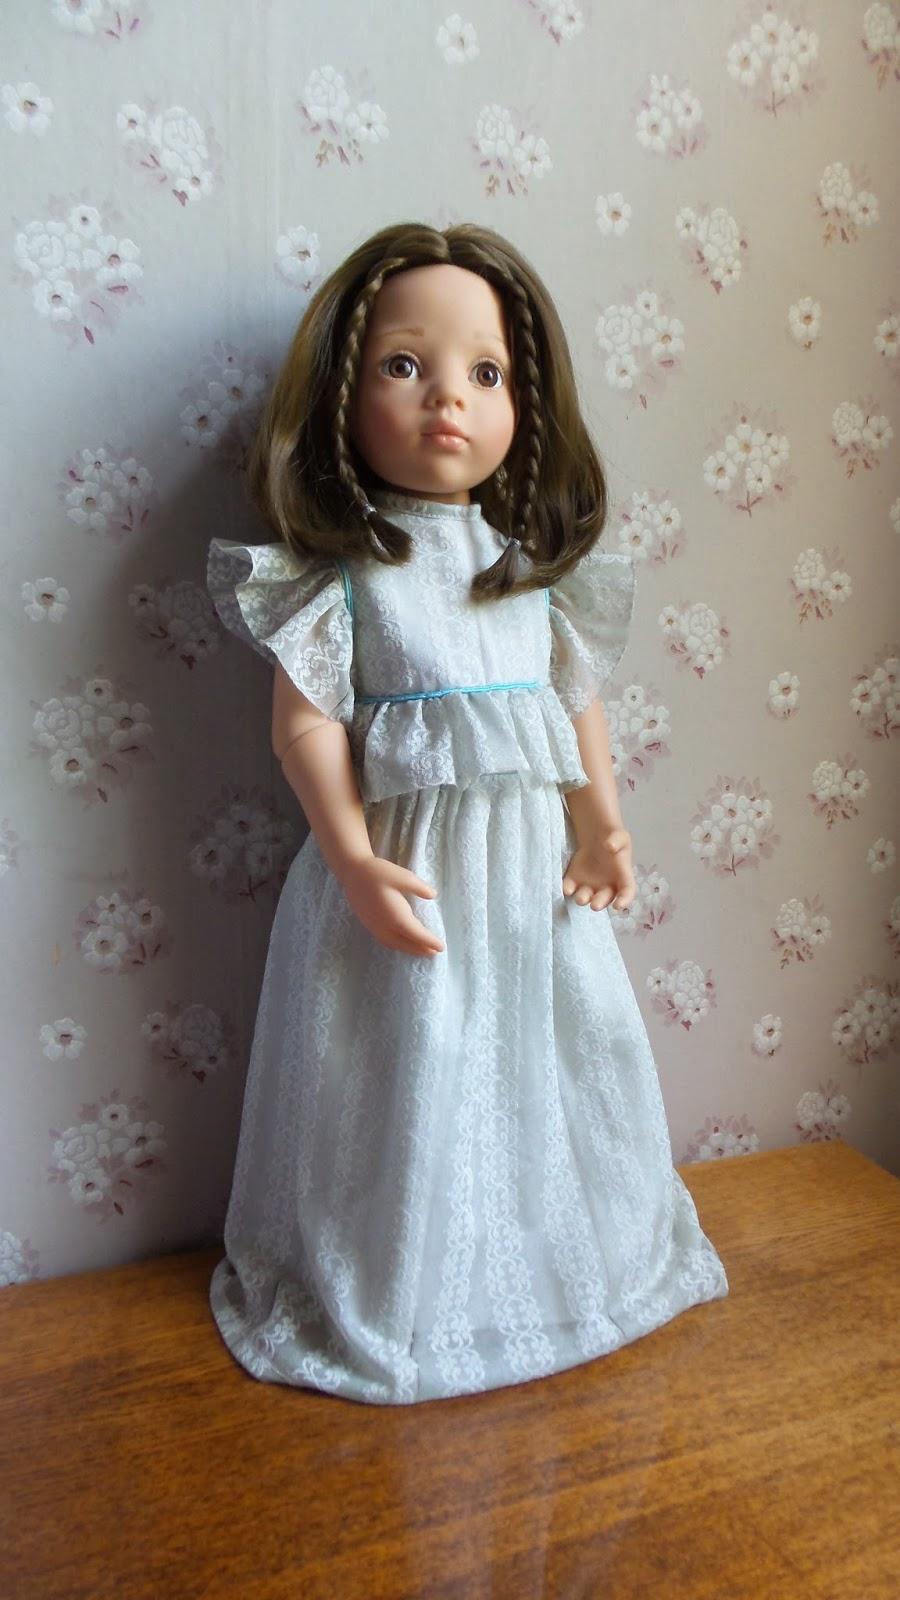 Как переодеть кукле платье